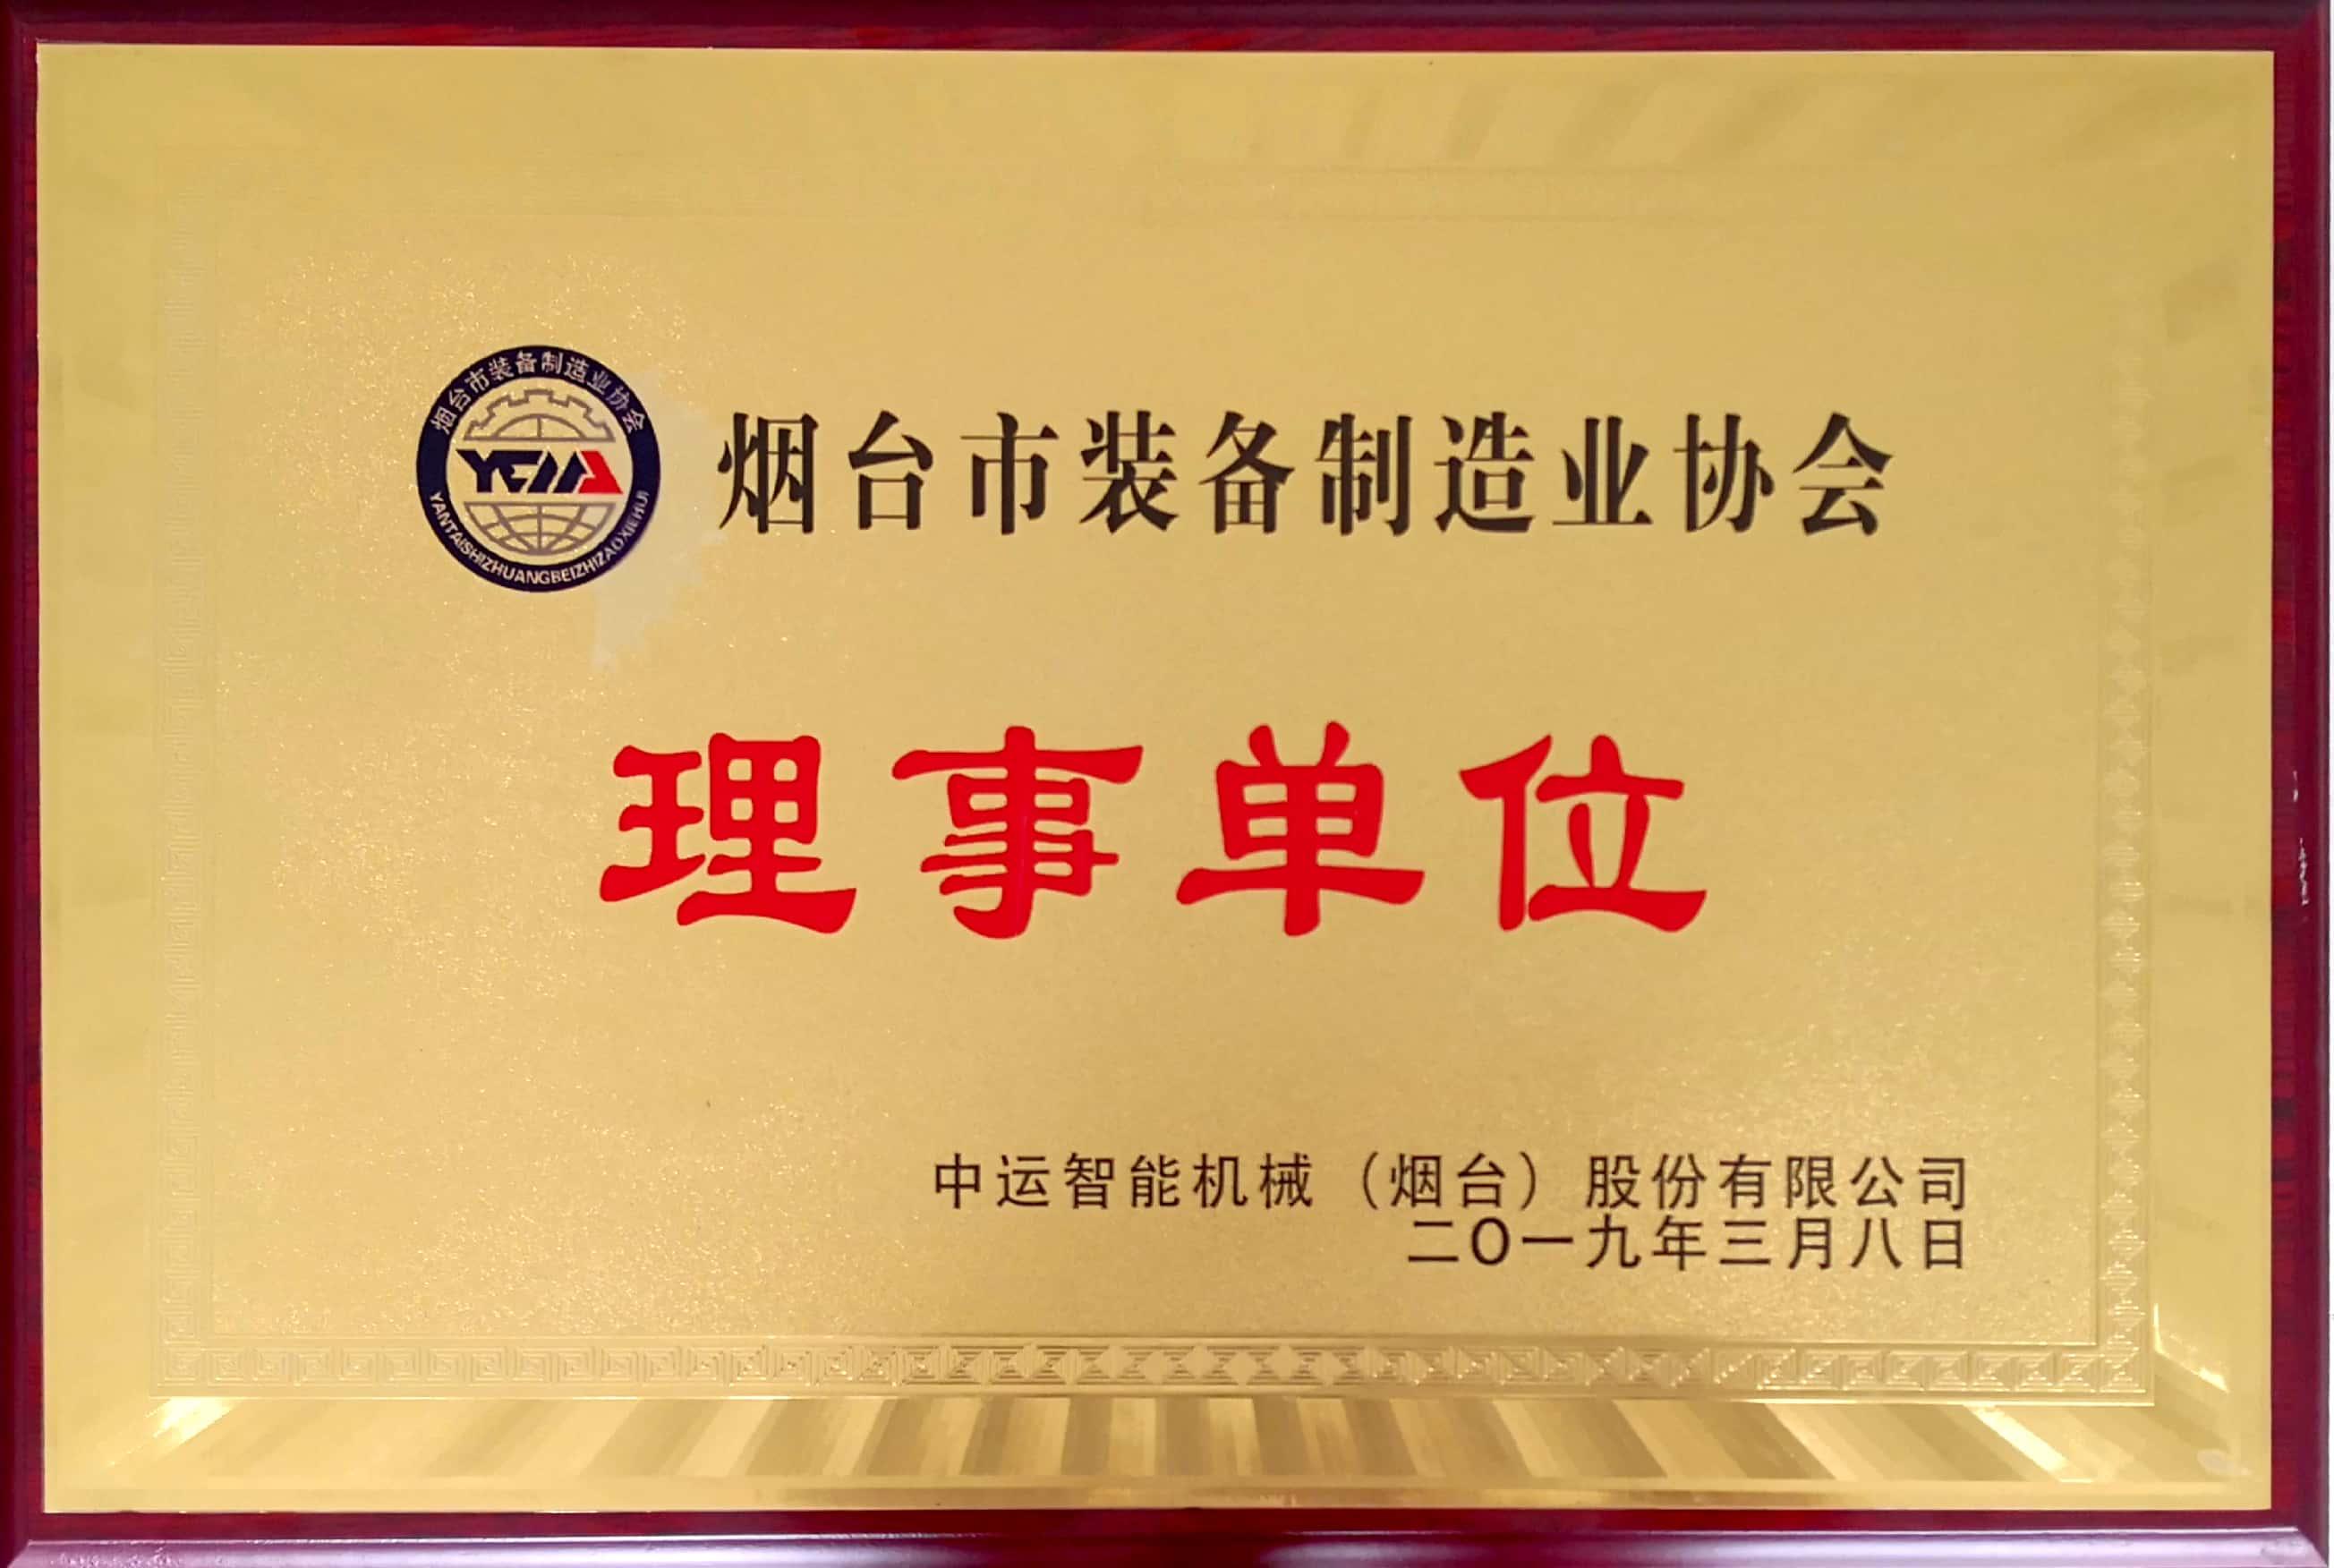 烟台市装备制造业协会理事单位